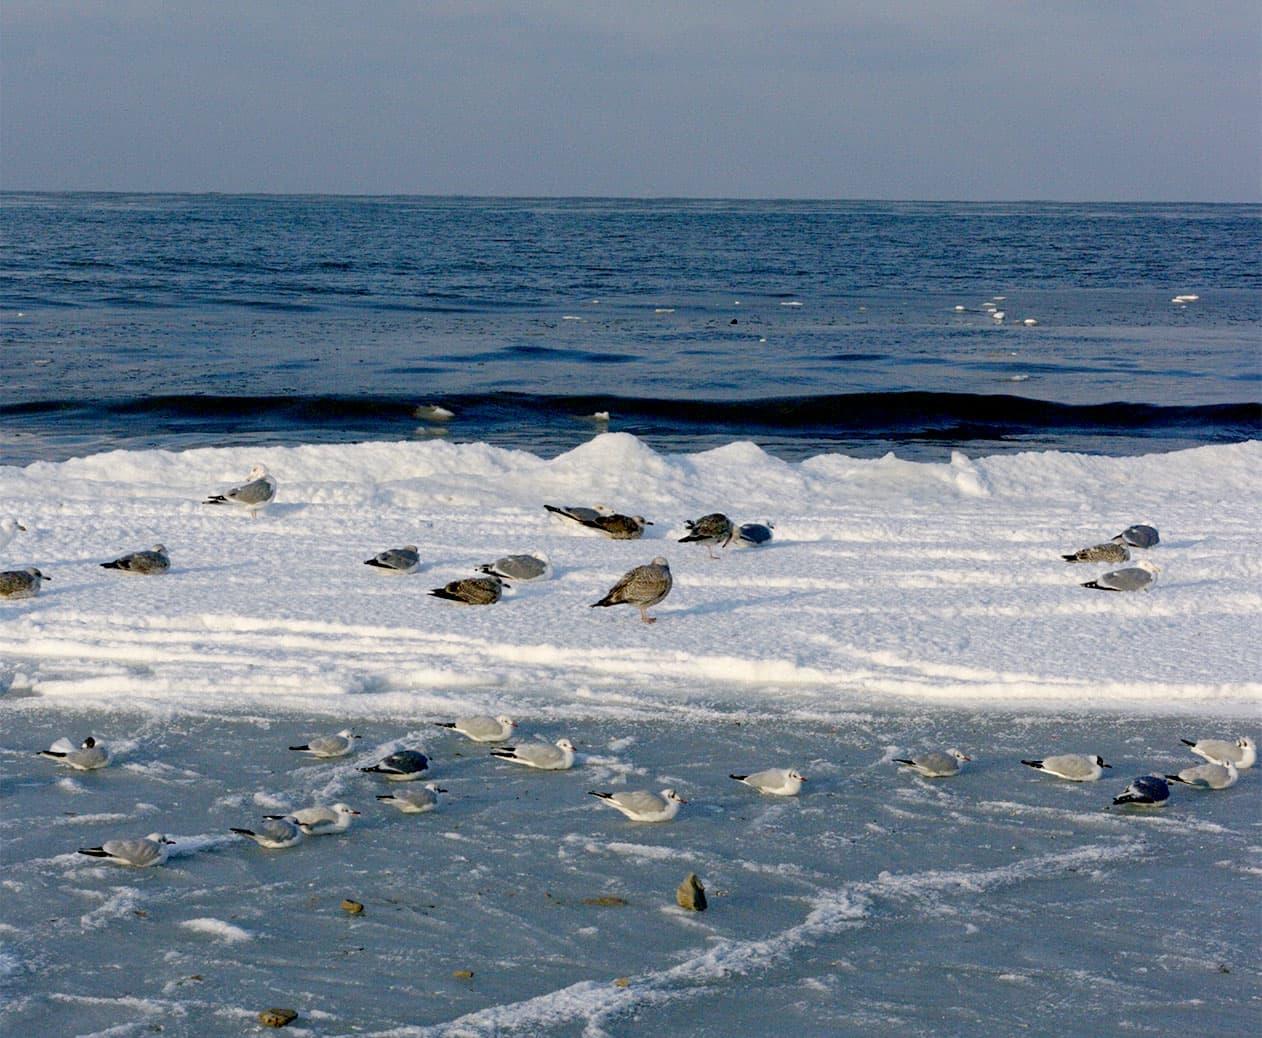 Zimowe ptactwo przy brzegu